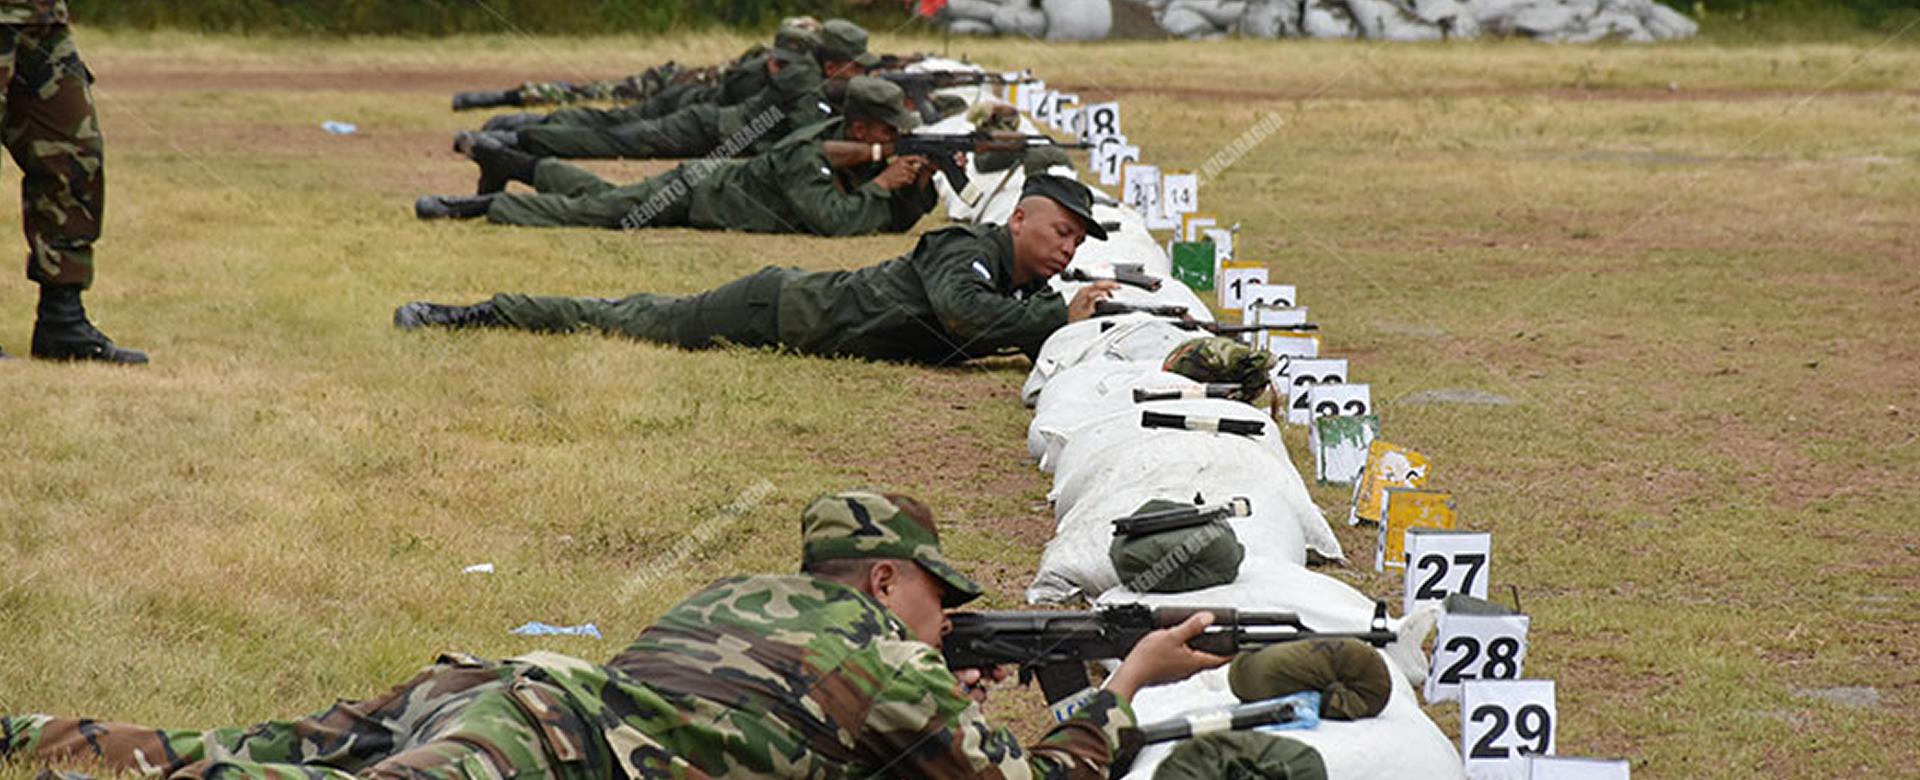 Ejército realiza entrenamiento en el Polígono Nacional Managua. Radio La Primerísima